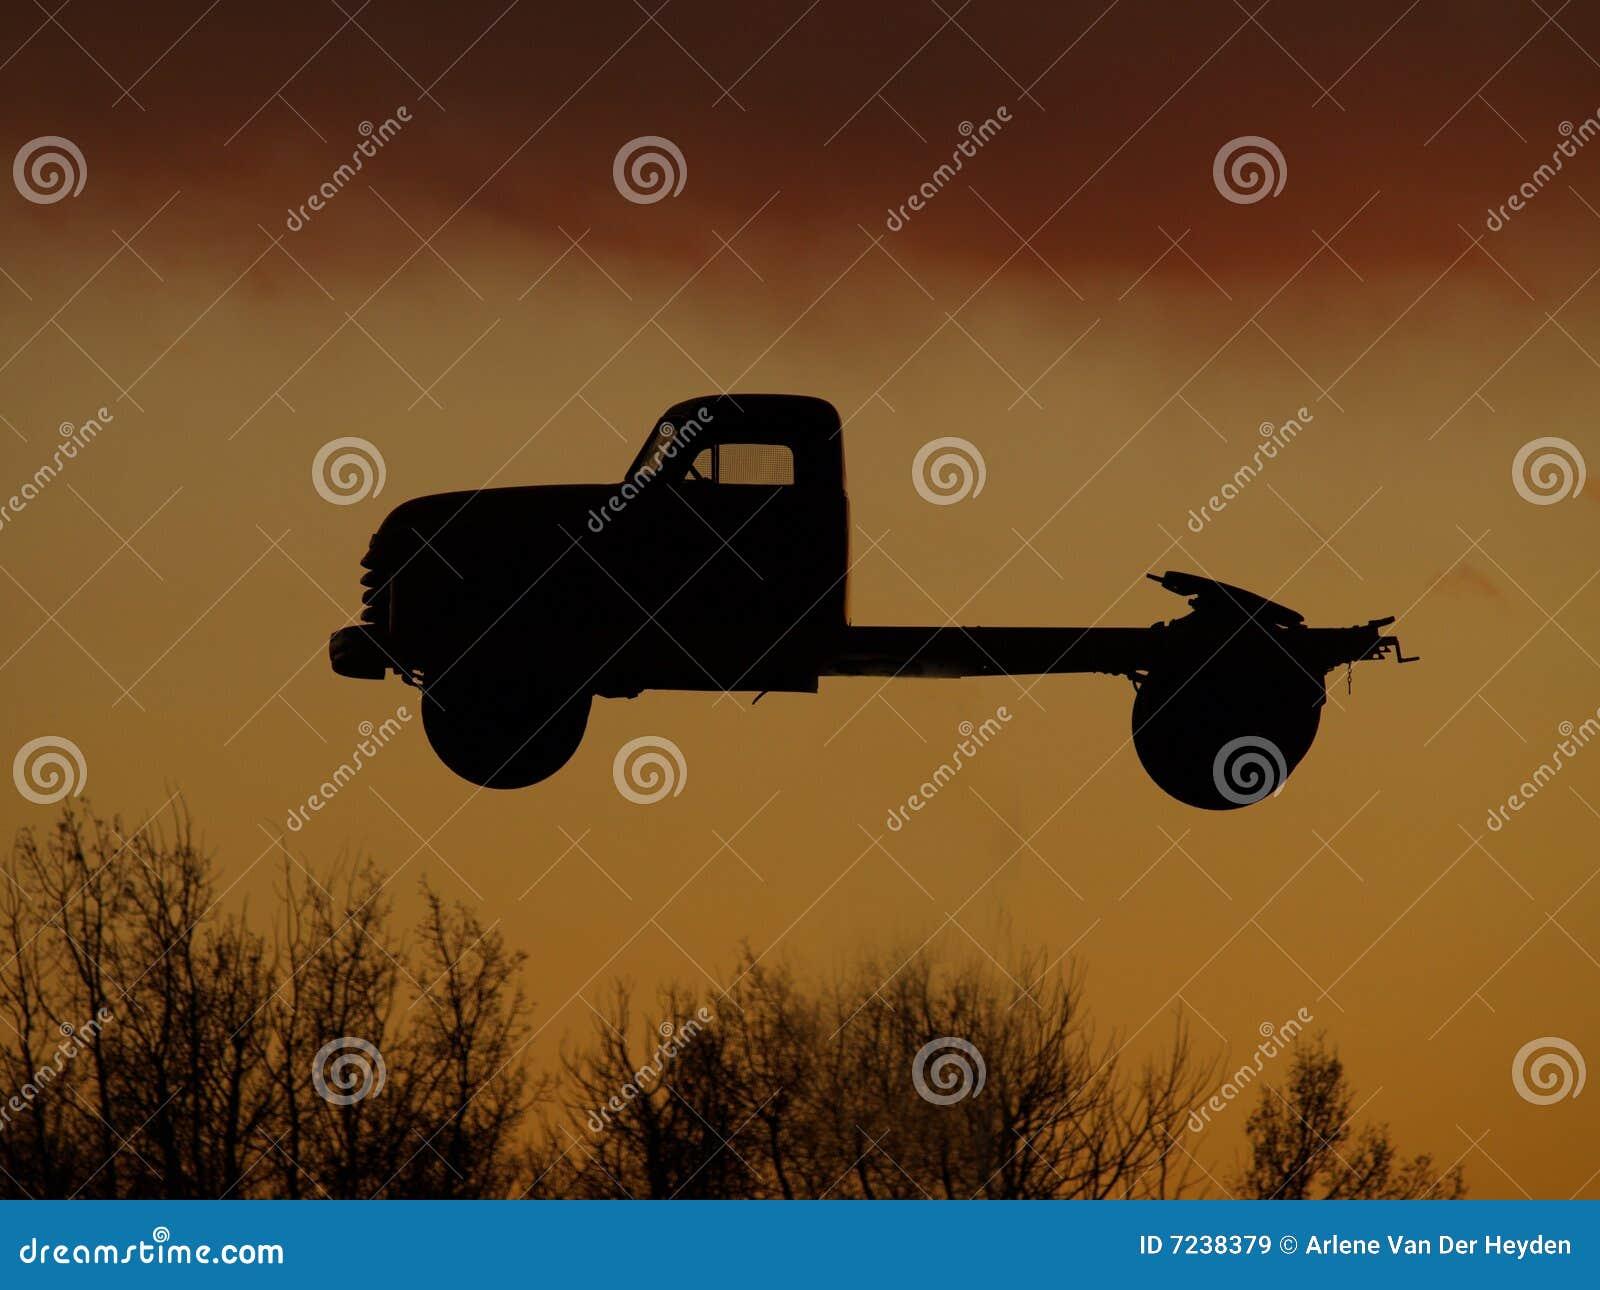 Semi Truck Silhouette Truck Silhouette f